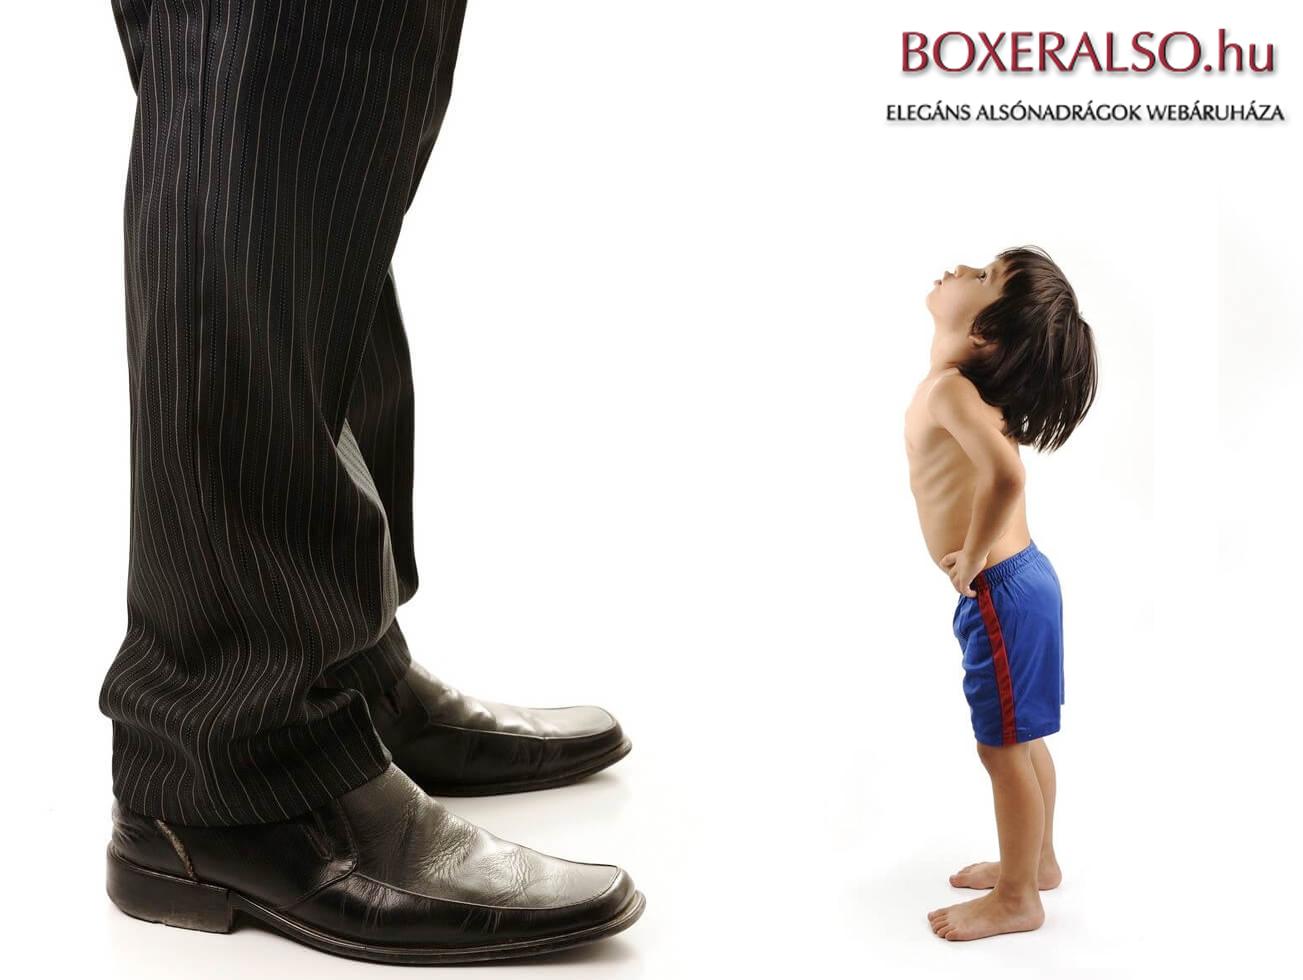 Kisfiú és a nagyranőtt férfi